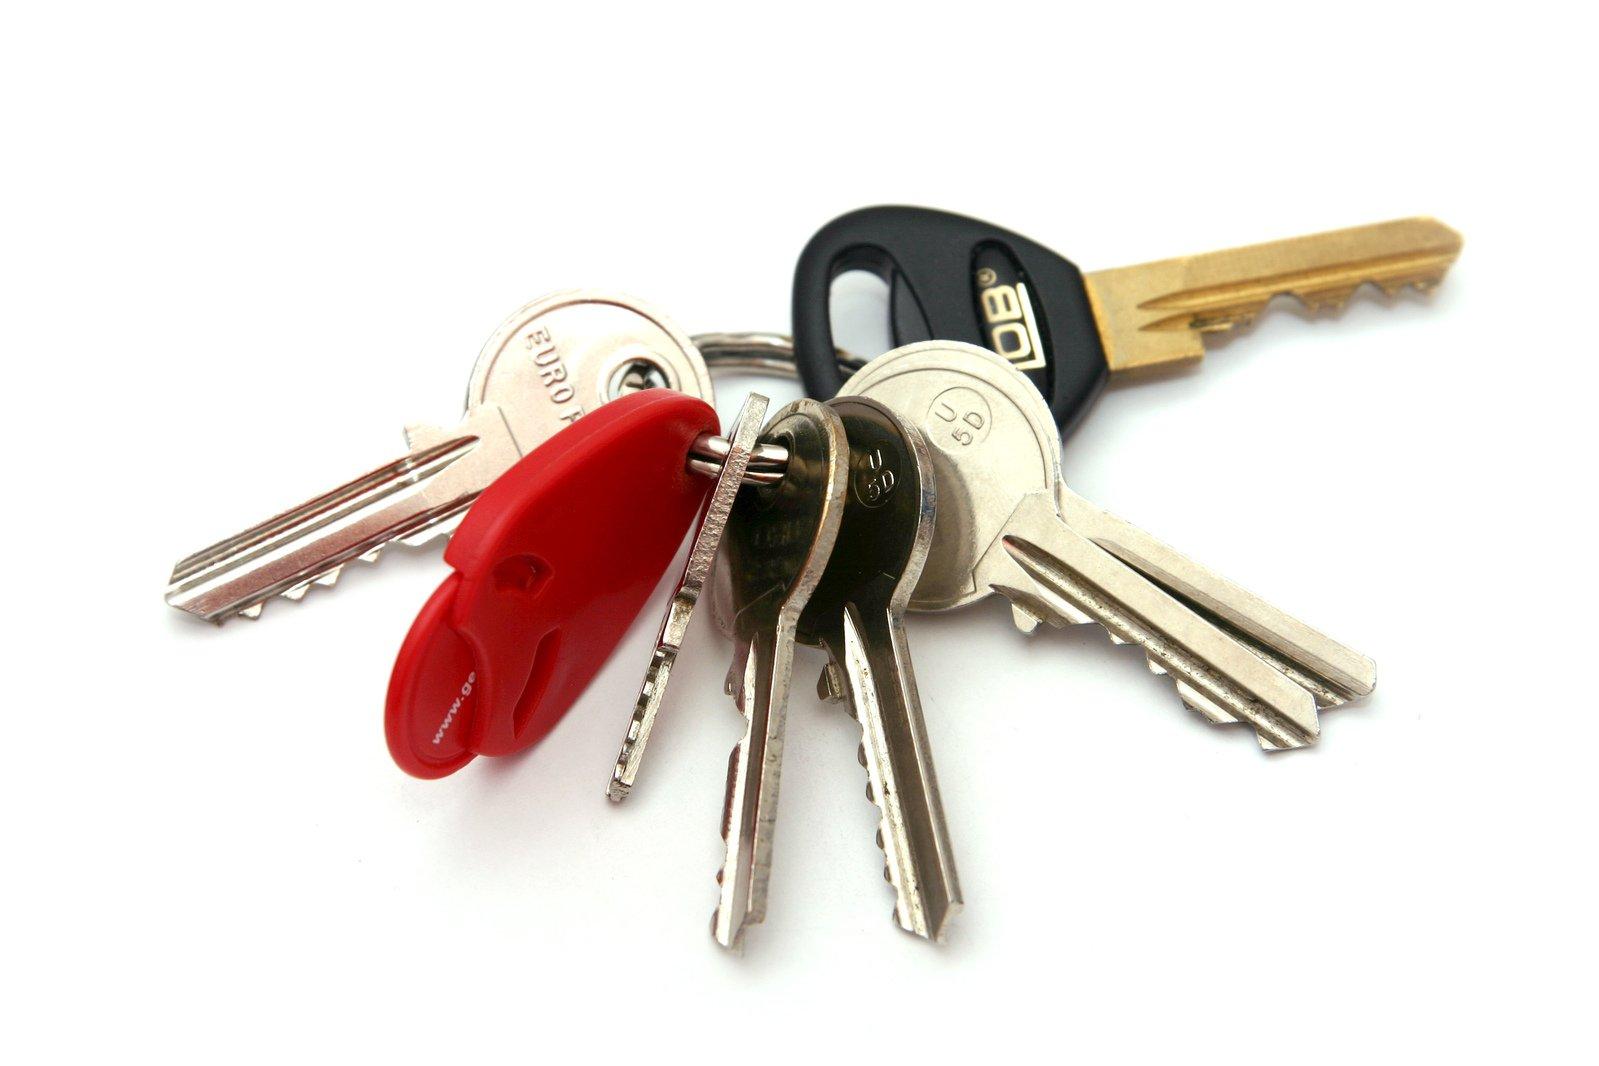 Как сделать ключ от двери самая простая инструкция